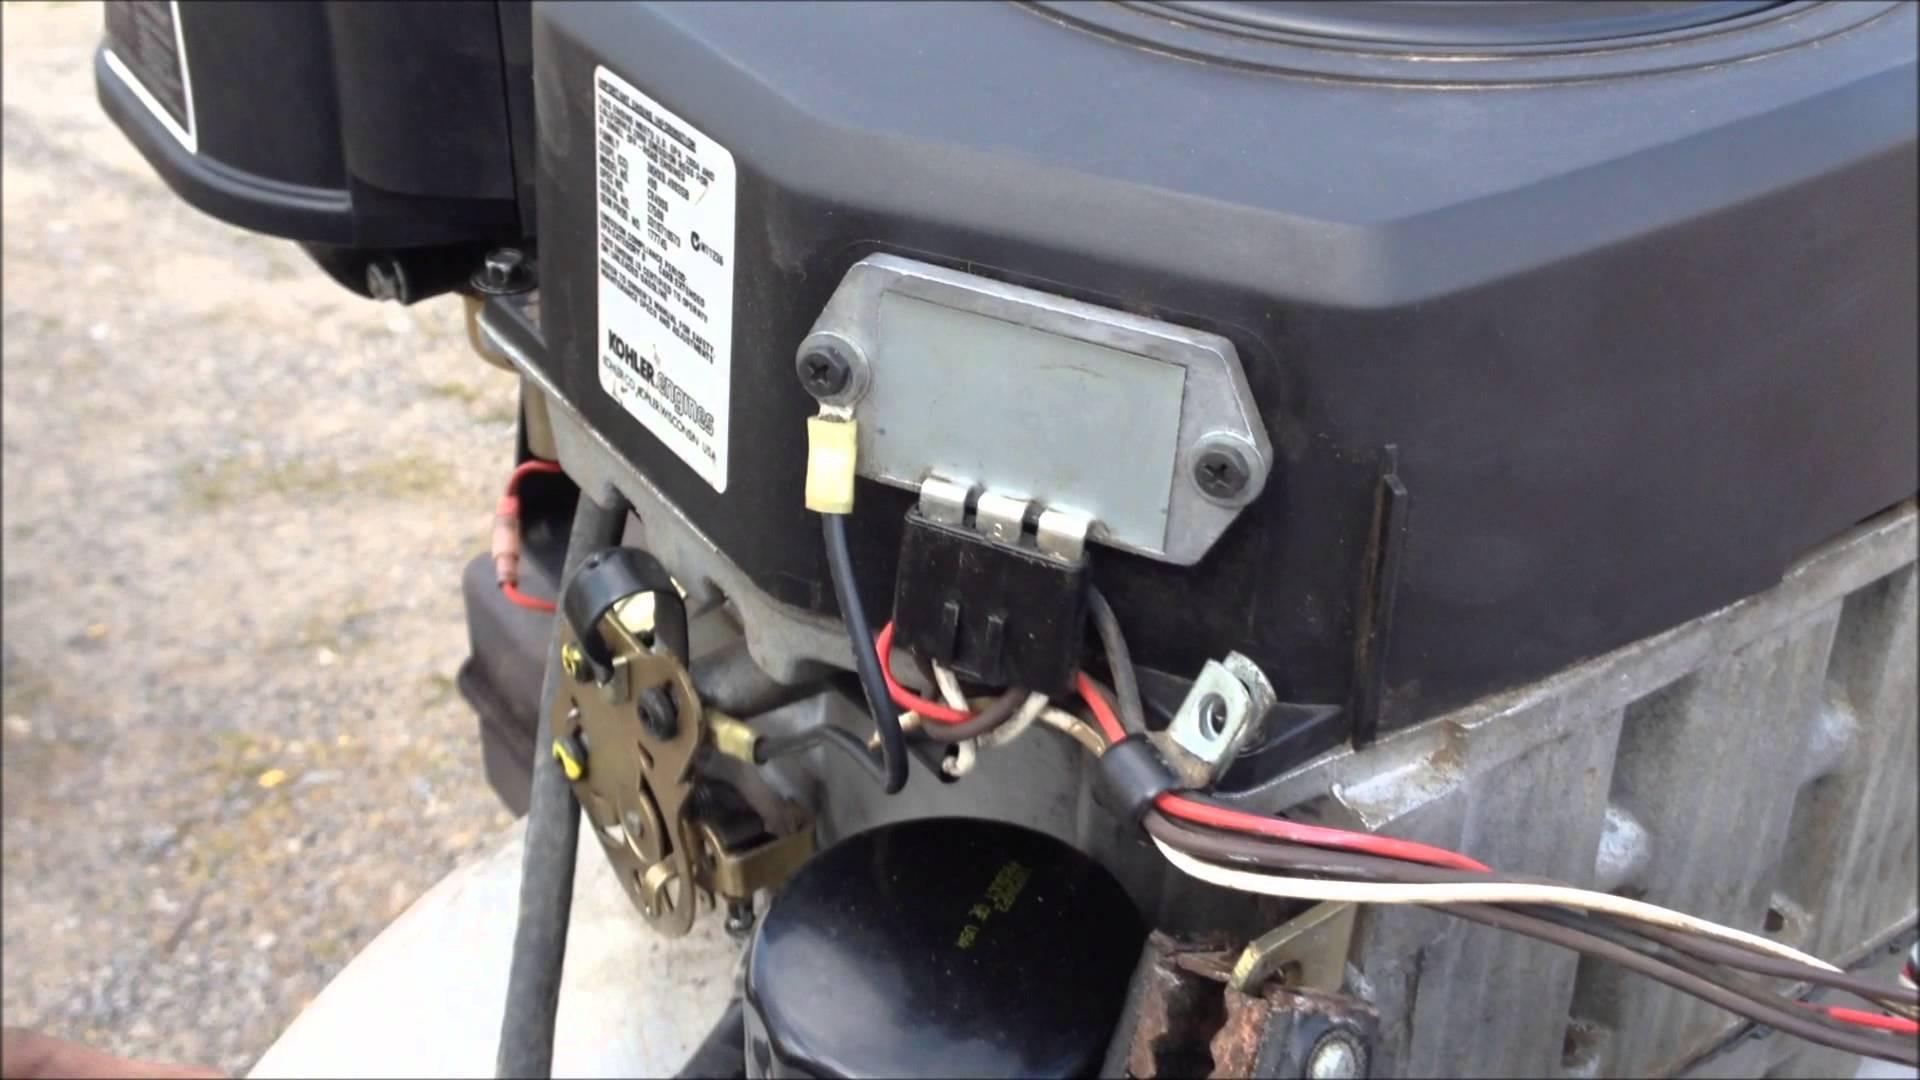 WRG-2228] Kohler Engine Charging System Diagram